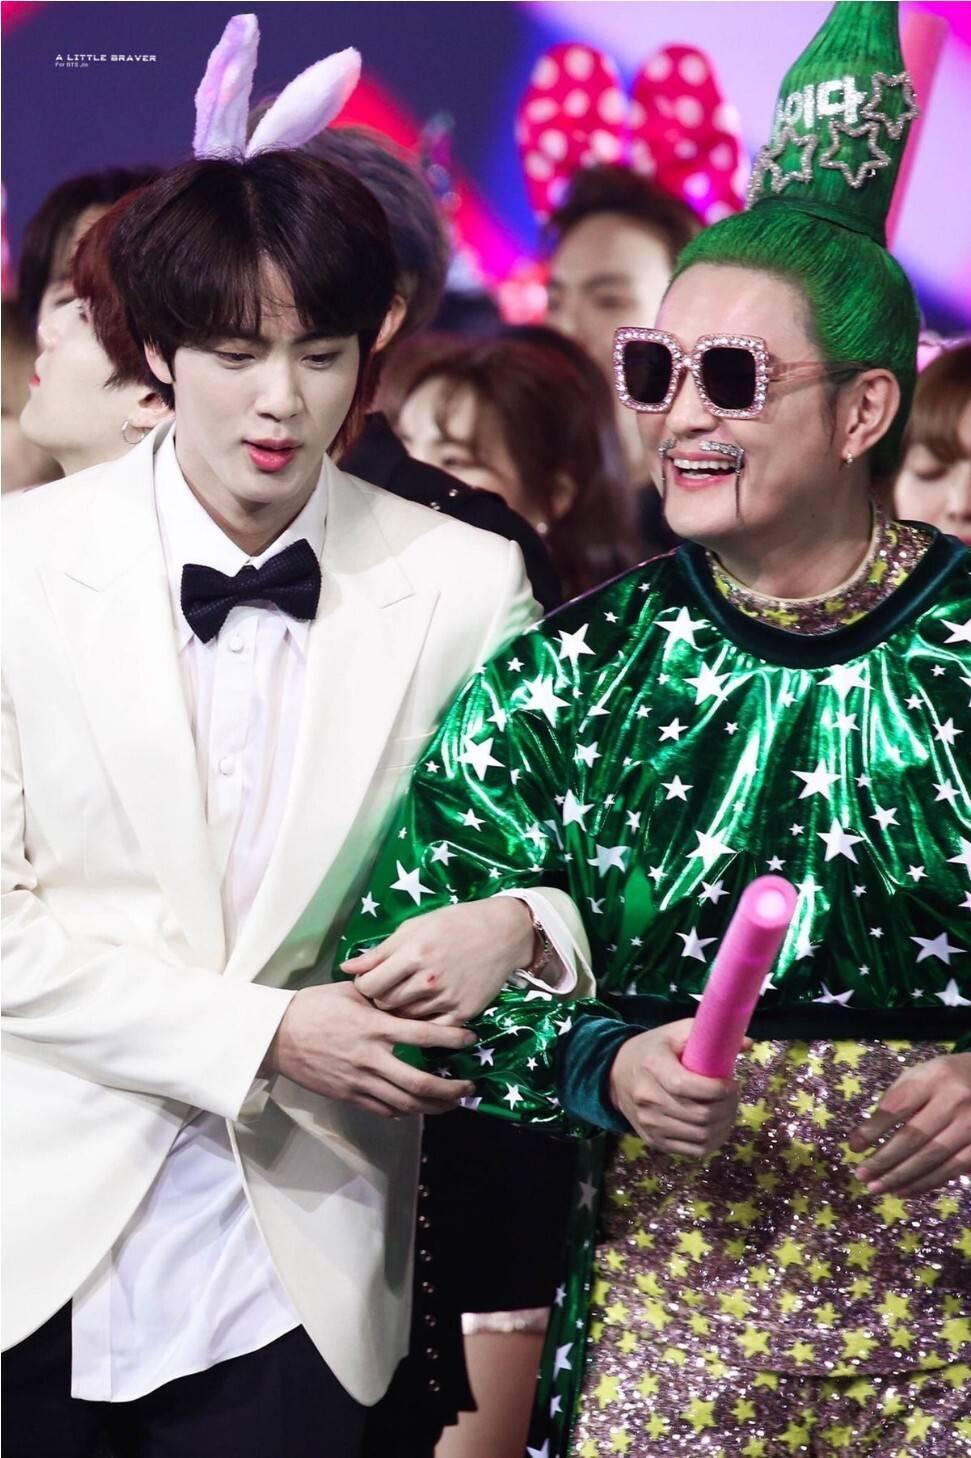 BTS 진, 연말 음악프로에서 동료 가수에게 다정하게 팔짱끼는 모습에 해외팬들 궁금증 폭발 | 인스티즈